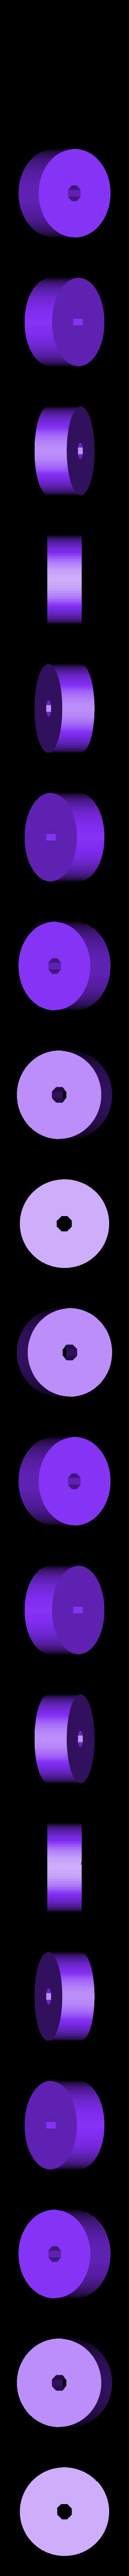 gyroscope-rotor.stl Télécharger fichier STL gratuit Gyroscope jouet • Modèle imprimable en 3D, AliSouskian